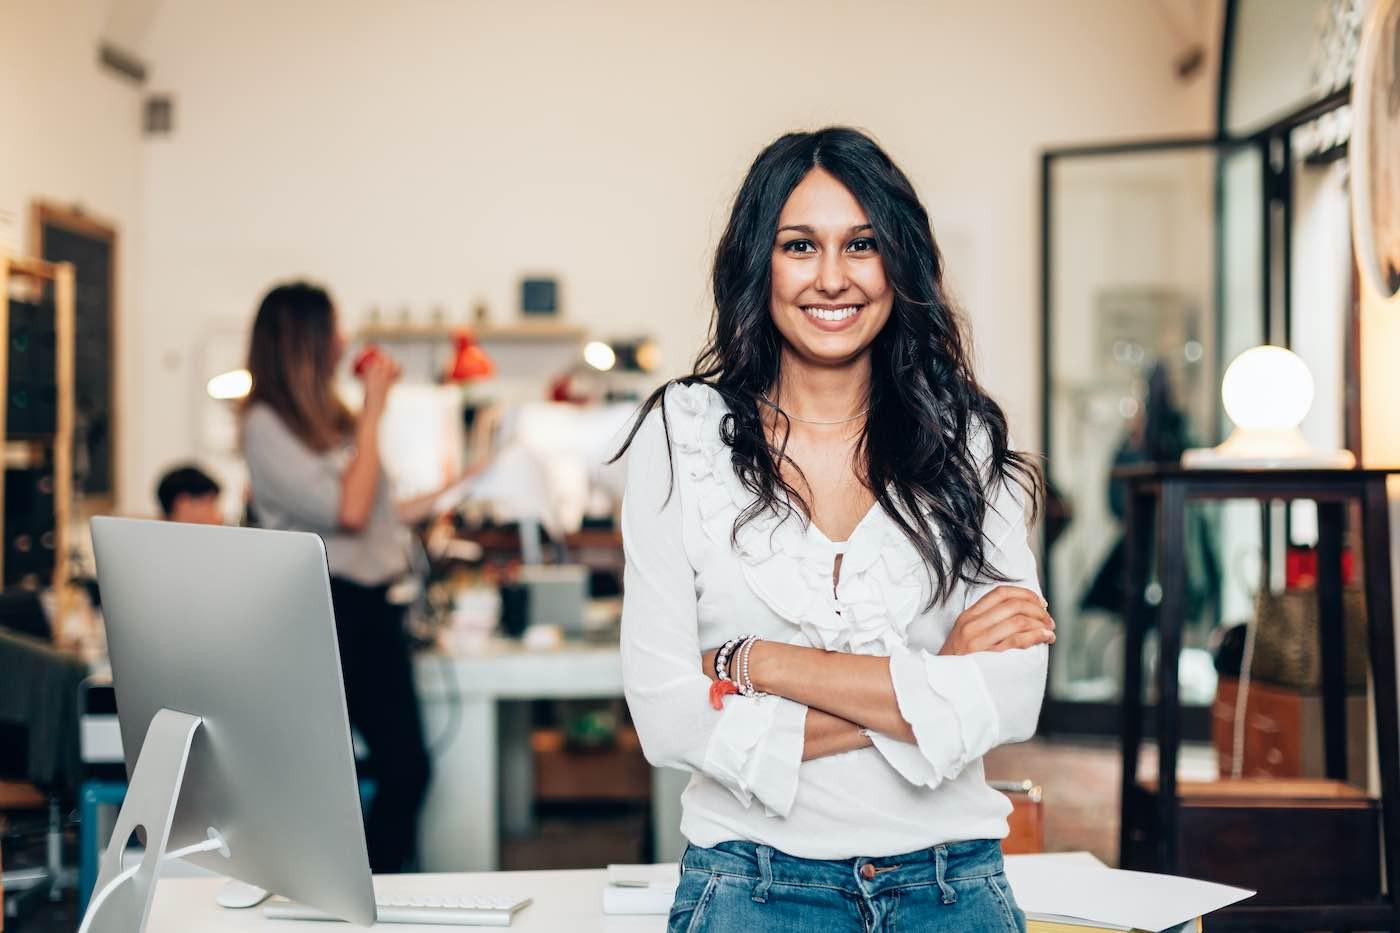 Cinco pasos para que la pyme obtenga mejores resultados los consumidores